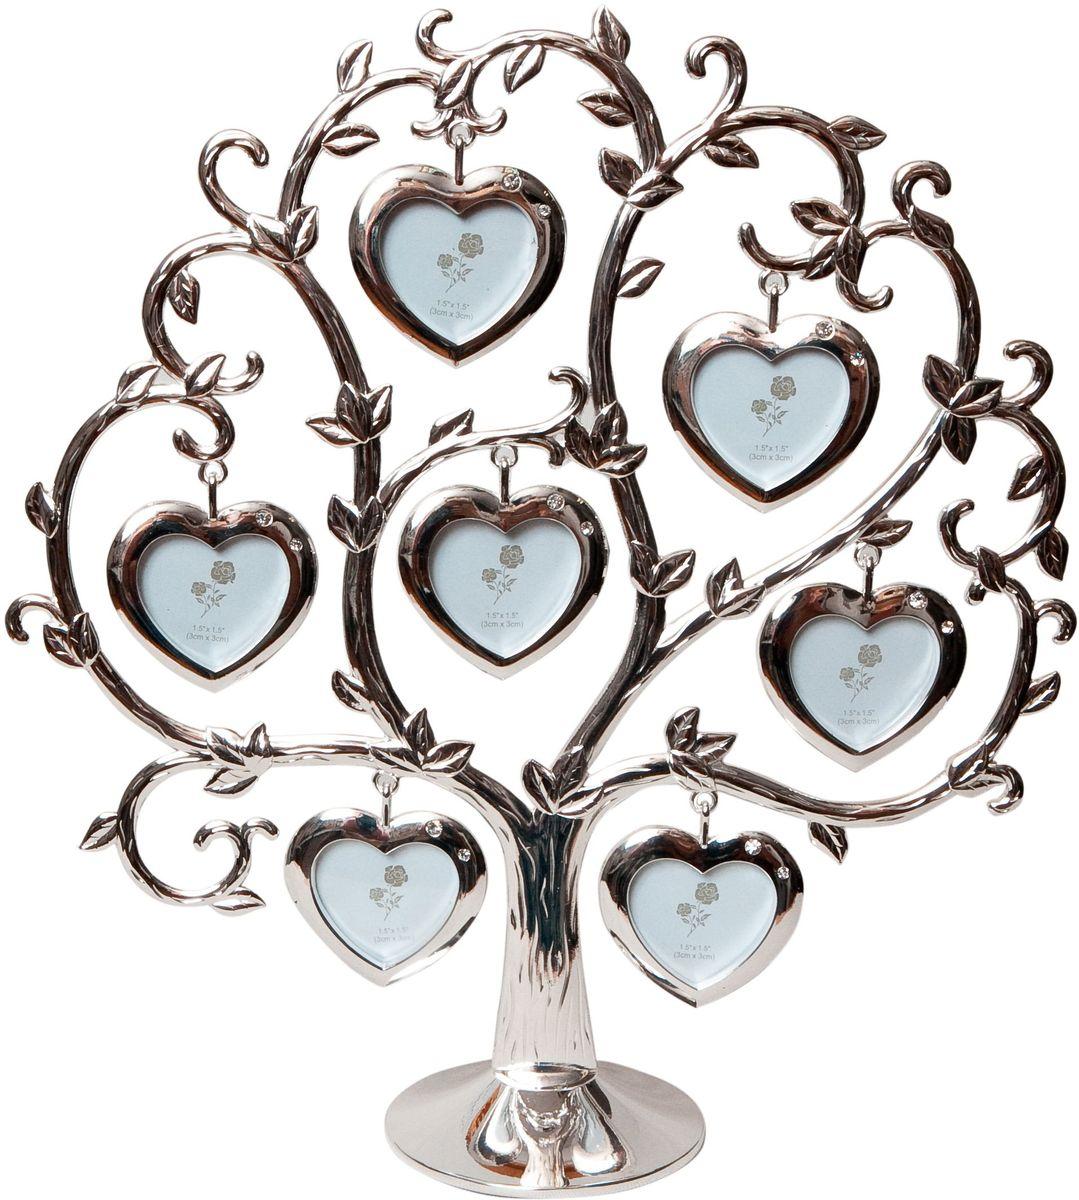 Фоторамка Platinum Дерево. Сердца, цвет: светло-серый, на 7 фото, 4 x 4 см. PF9460CSPLATINUM BH-1408-Black-ЧёрныйДекоративная фоторамка Platinum Дерево. Сердца выполнена из металла. На подставку в виде деревца подвешиваются семь рамочек в форме сердец, украшенных стразами. Изысканная и эффектная, эта потрясающая рамочка покорит своей красотой и изумительным качеством исполнения. Фоторамка Platinum Дерево. Сердца не только украсит интерьер помещения, но и поможет разместить фото всей вашей семьи. Высота фоторамки: 25 см. Фоторамка подходит для фотографий 4 х 4 см.Общий размер фоторамки: 24 х 5 х 25 см.